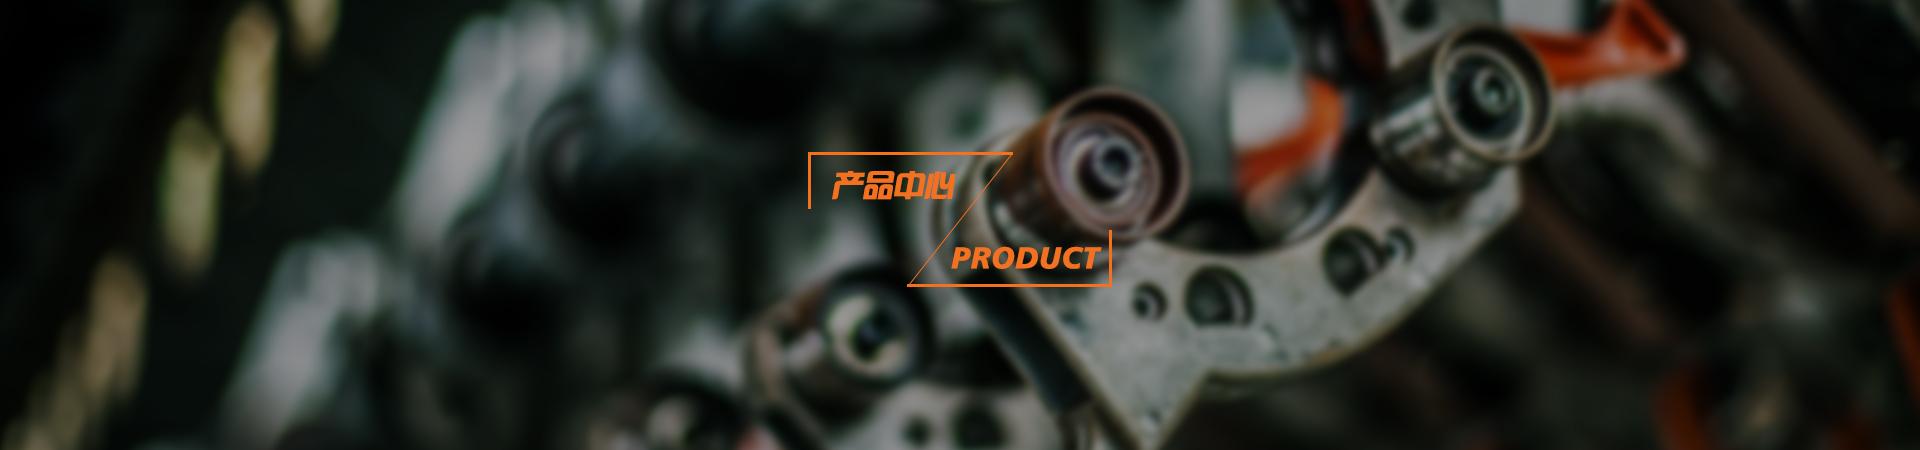 机电设备厂家